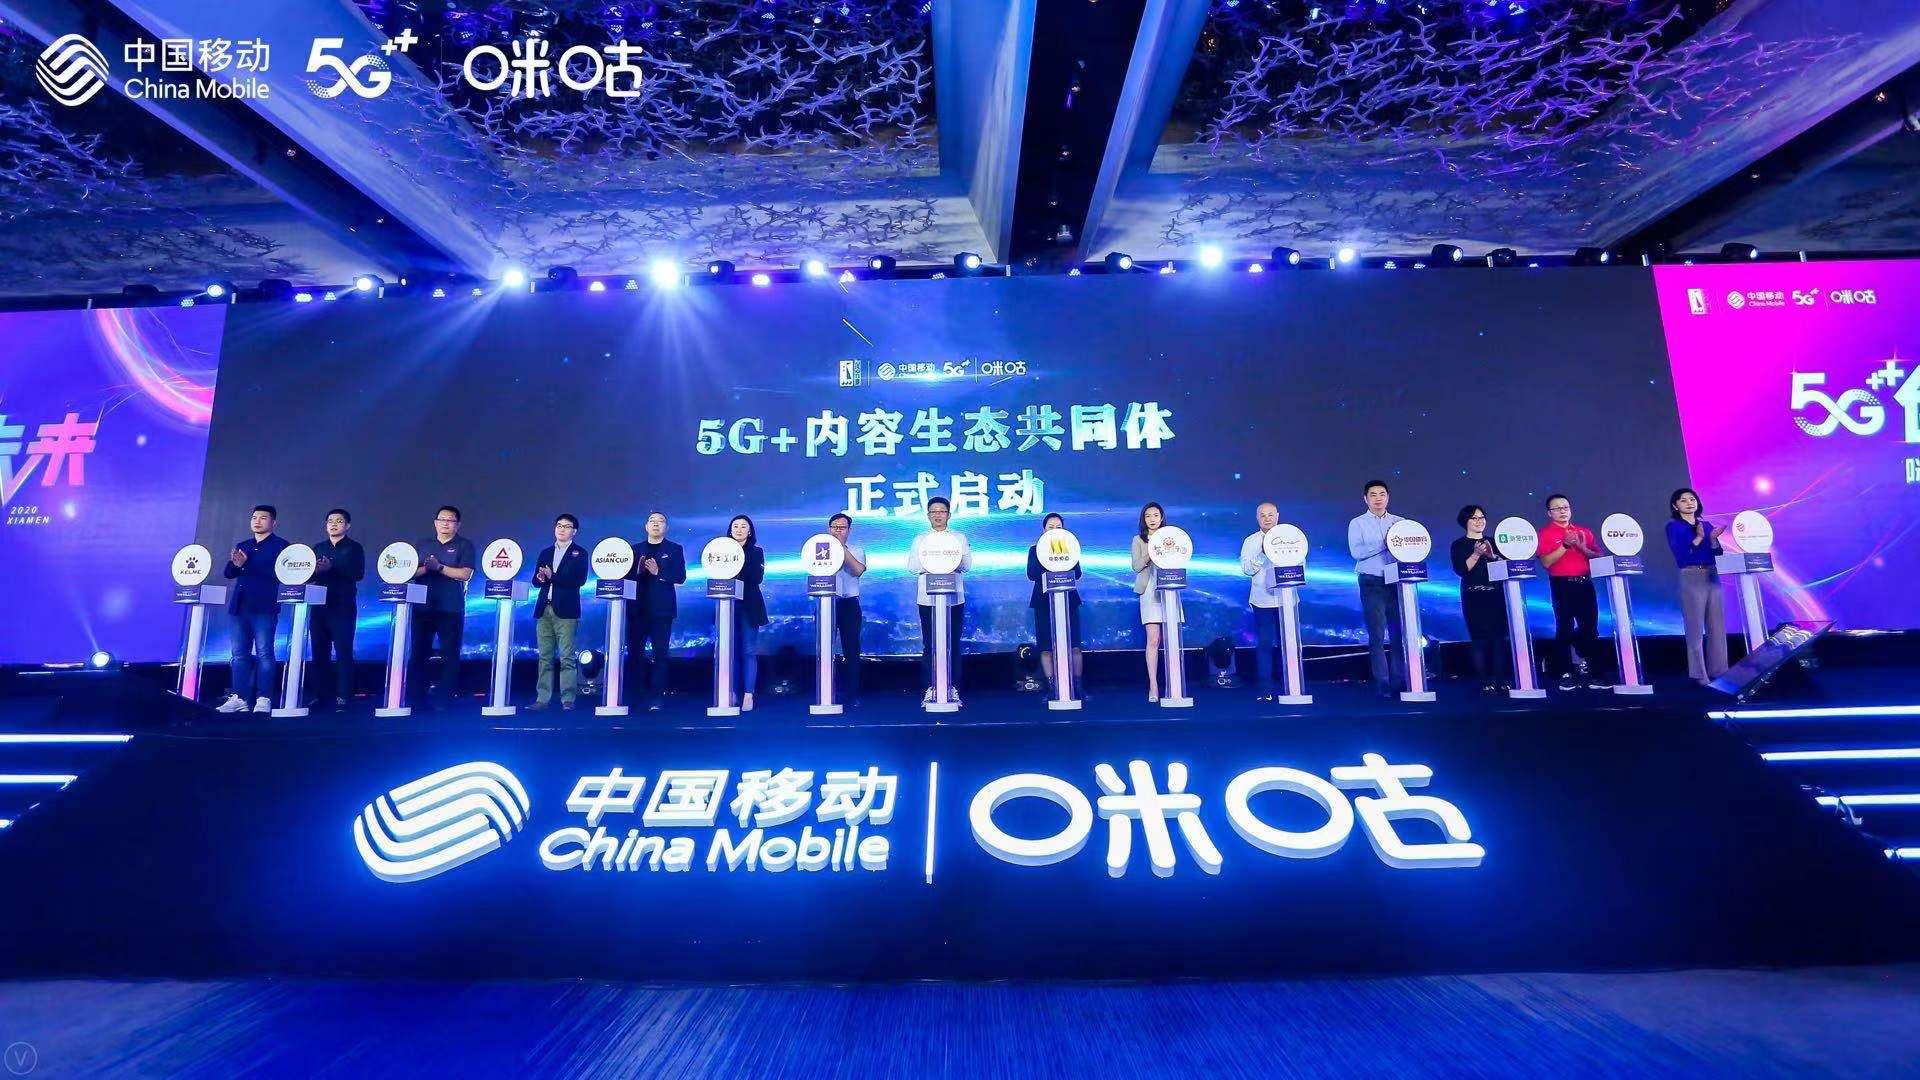 携手打造中国体育内容中央厨房 《中国体育》zhibo.tv与中国移动咪咕开启全面内容战略合作